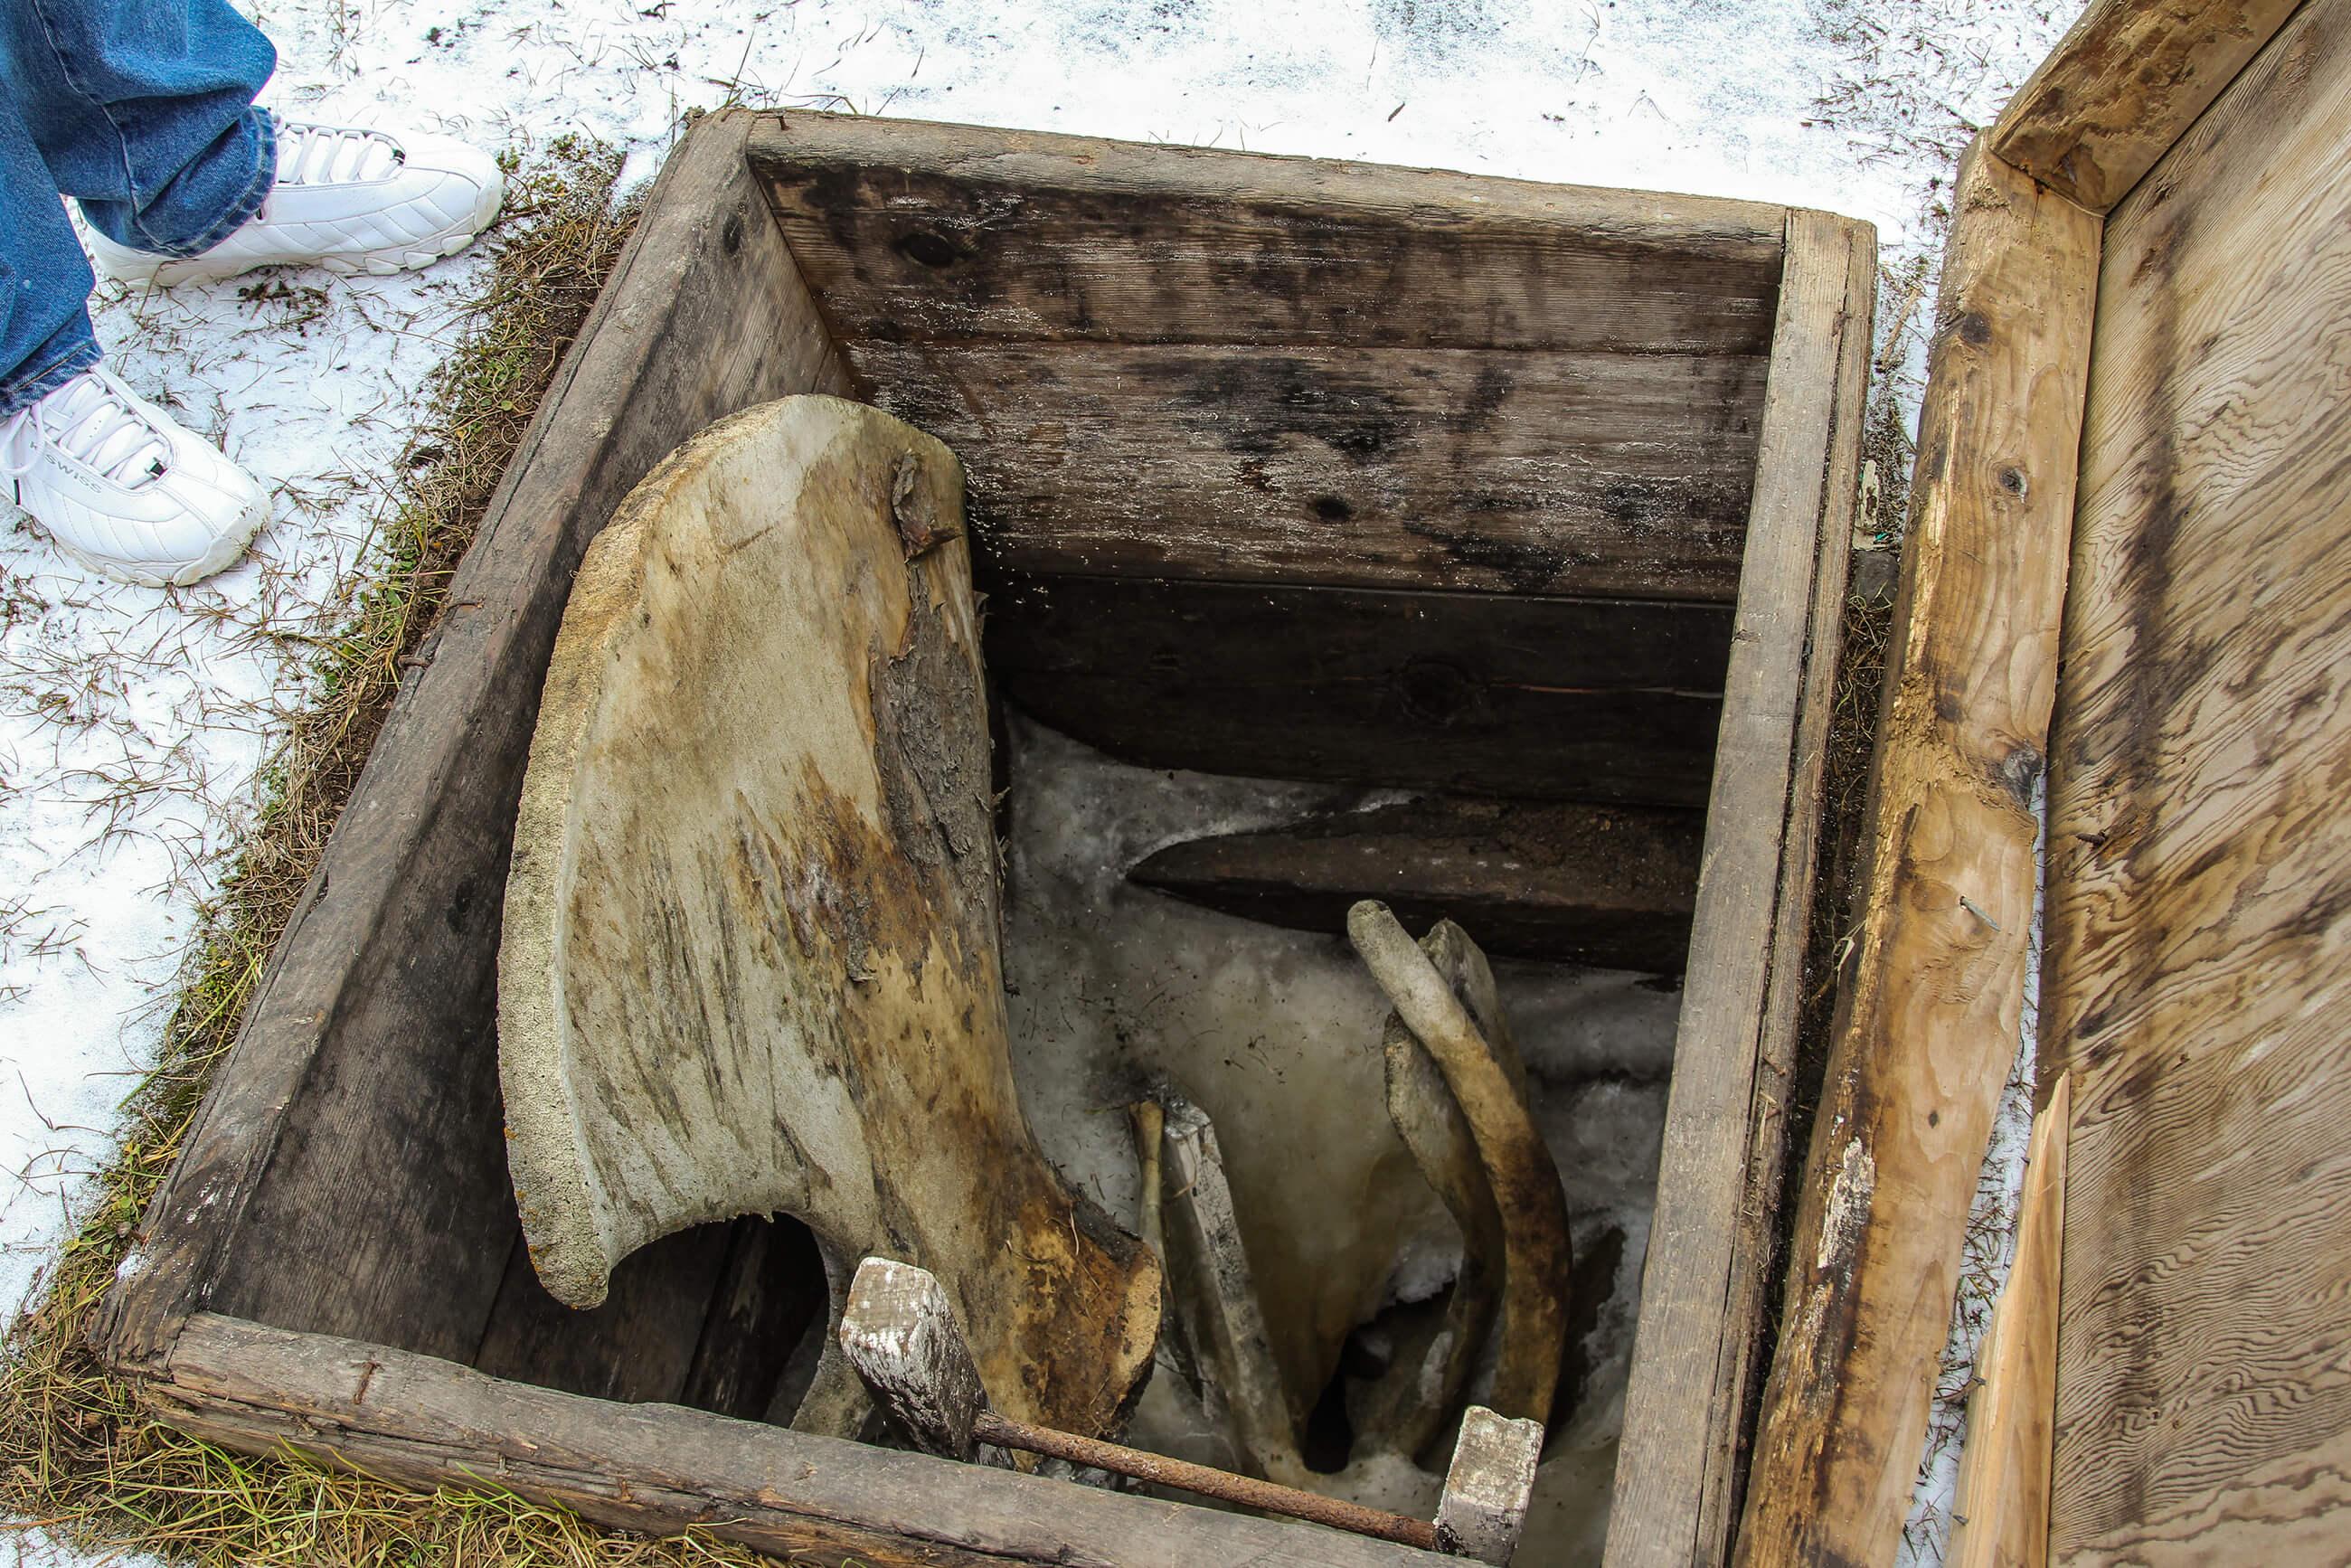 https://bubo.sk/uploads/galleries/7325/barrow-opustena-permafrost-chladnicka-1.jpg